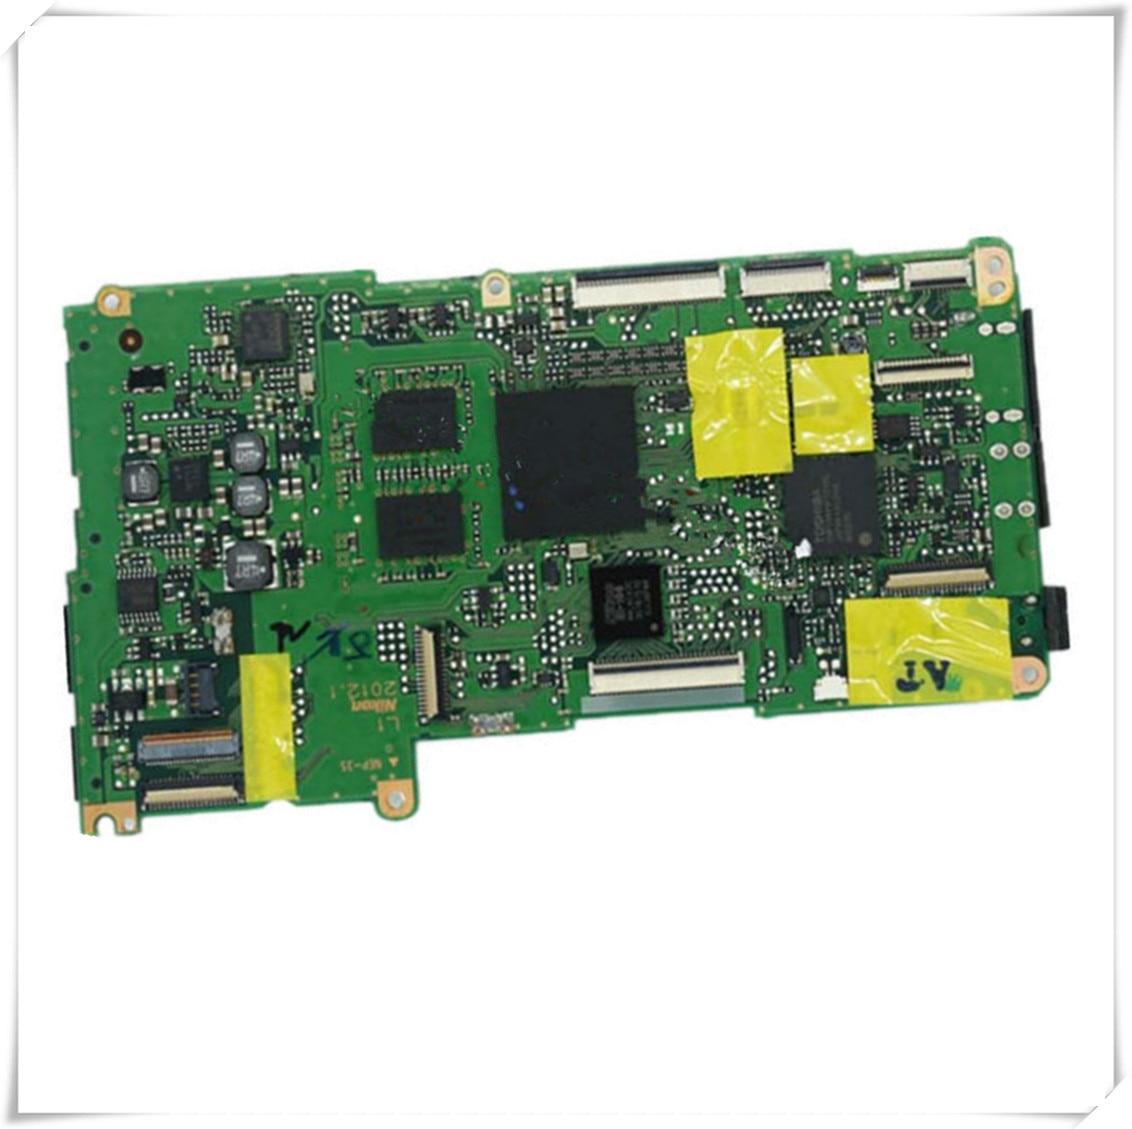 100% original motherboard for nikon D600 mainboard D600 main board dslr Camera repair parts free shipping original sd memory card cover for nikon d7100 d7200 camera replacement unit repair part